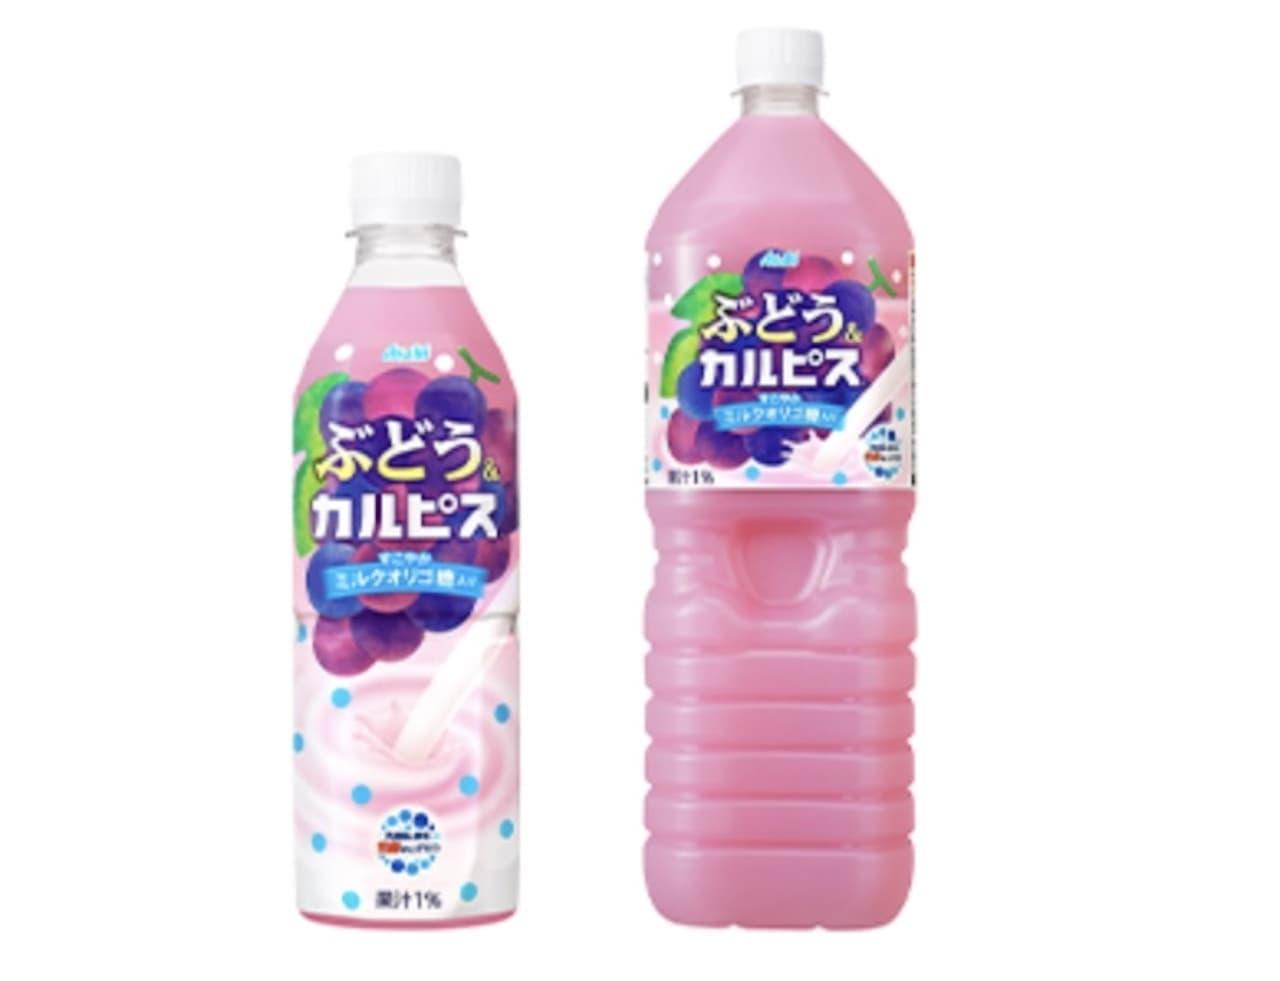 アサヒ飲料「ぶどう&カルピス」